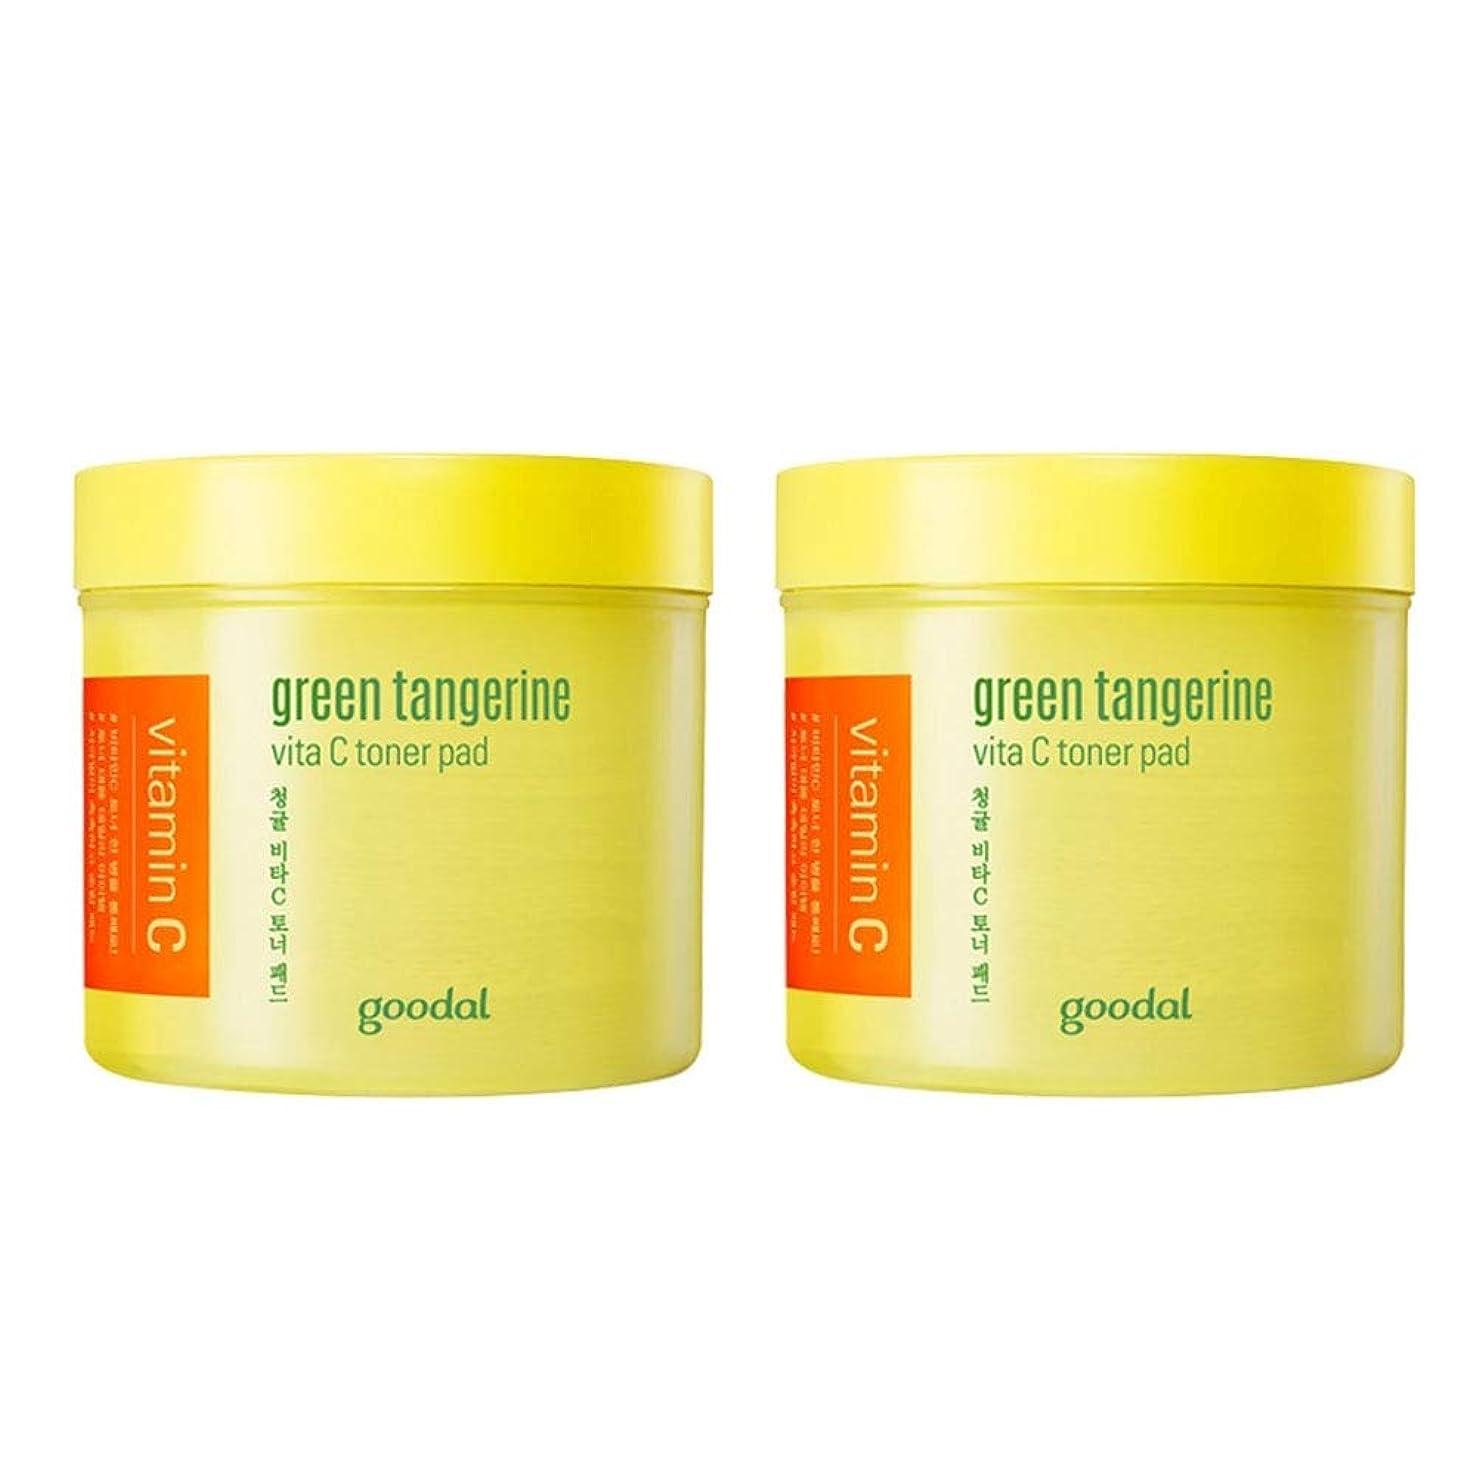 ピクニックをする勘違いする無意味グドール青みかんヴィータCトナーパッド70px2本セット質除去、水分供給 韓国コスメ 、Goodal Green Tangerine Vita C Toner Pad 70p x 2ea Set Korean Cosmetics [並行輸入品]